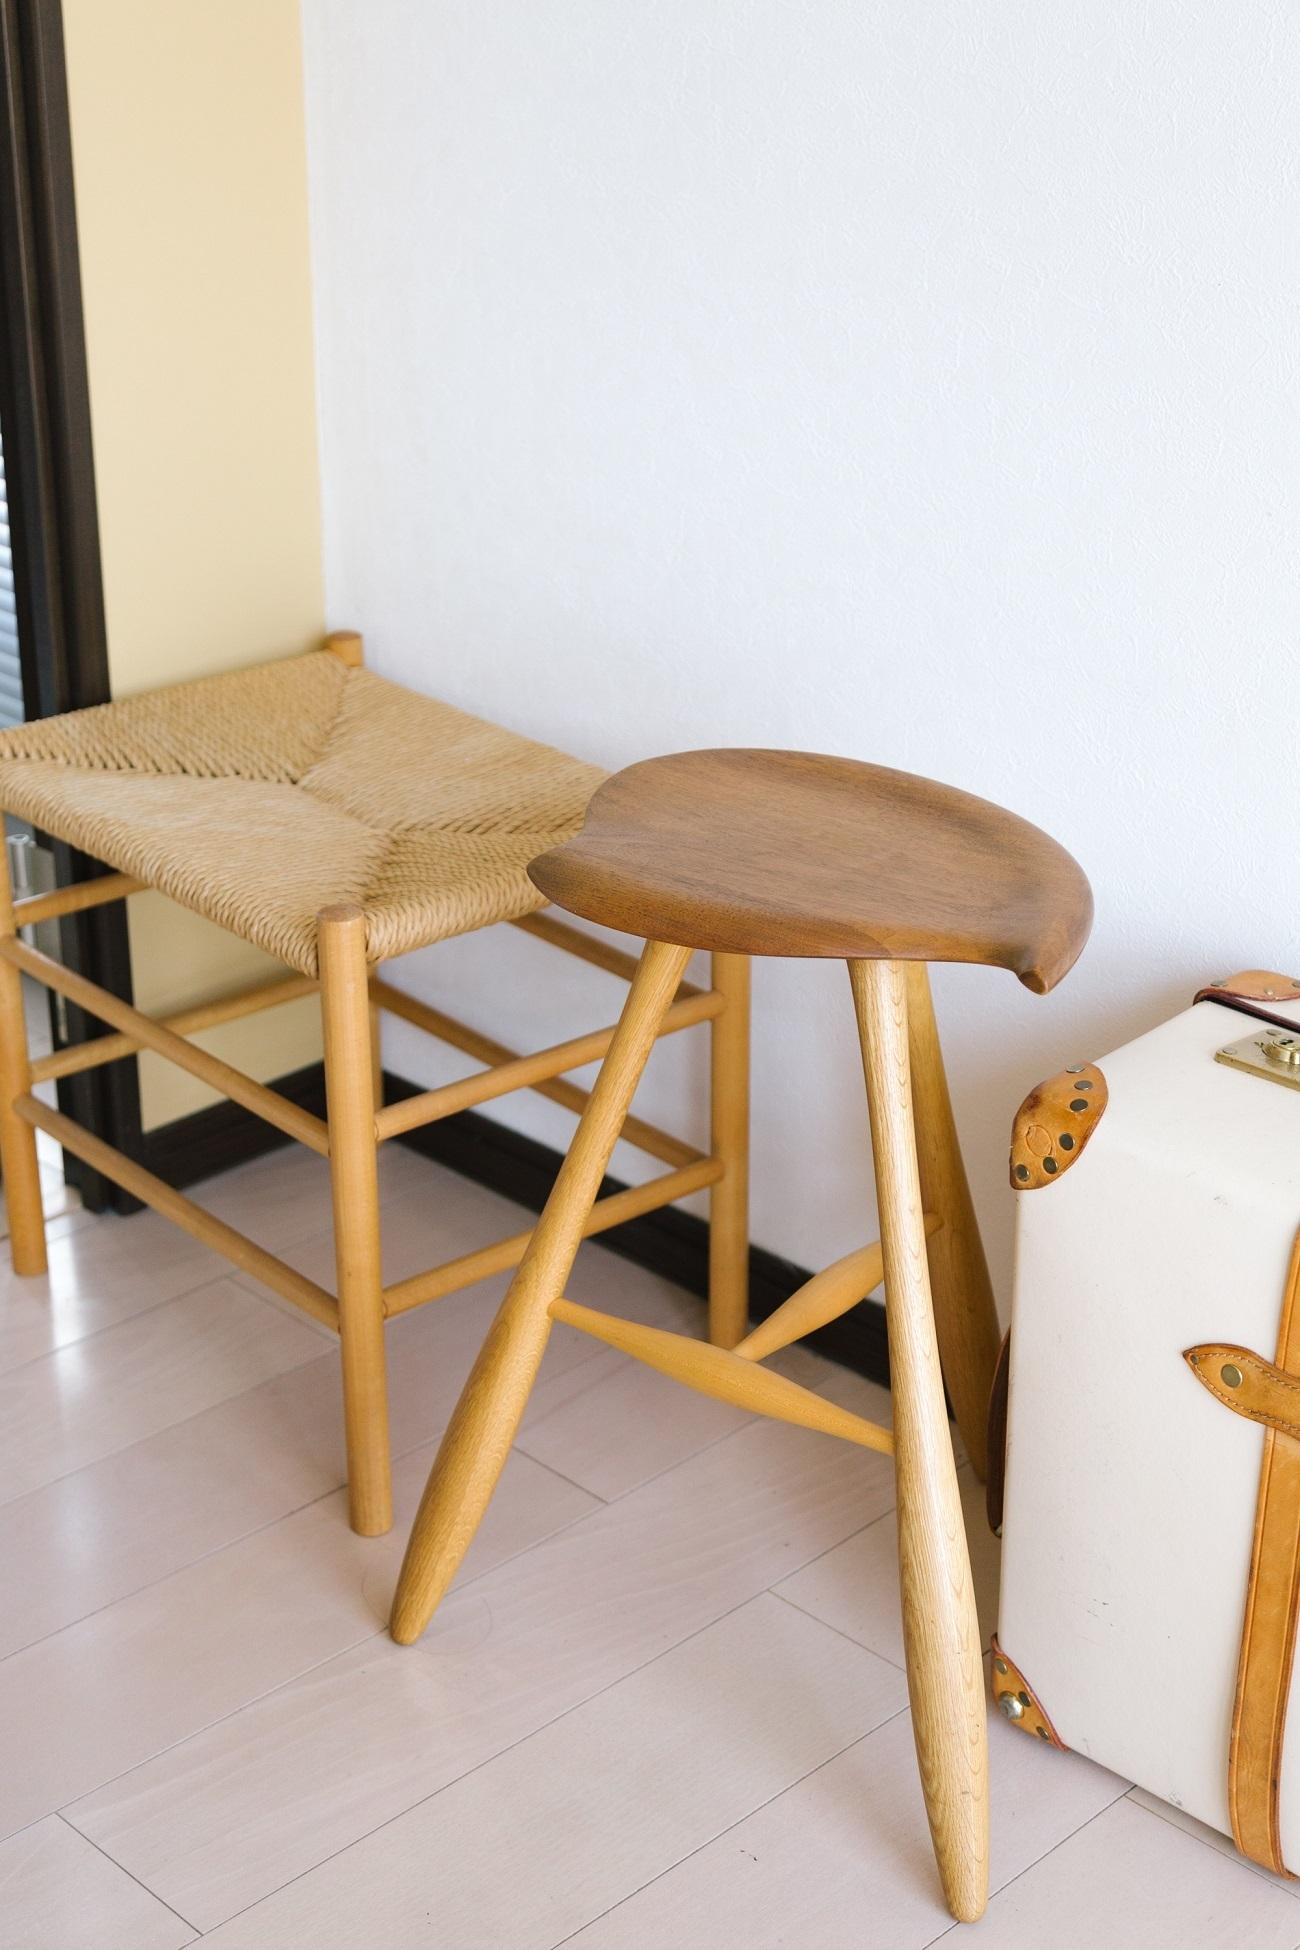 専門学校時代に作った&DIYした家具